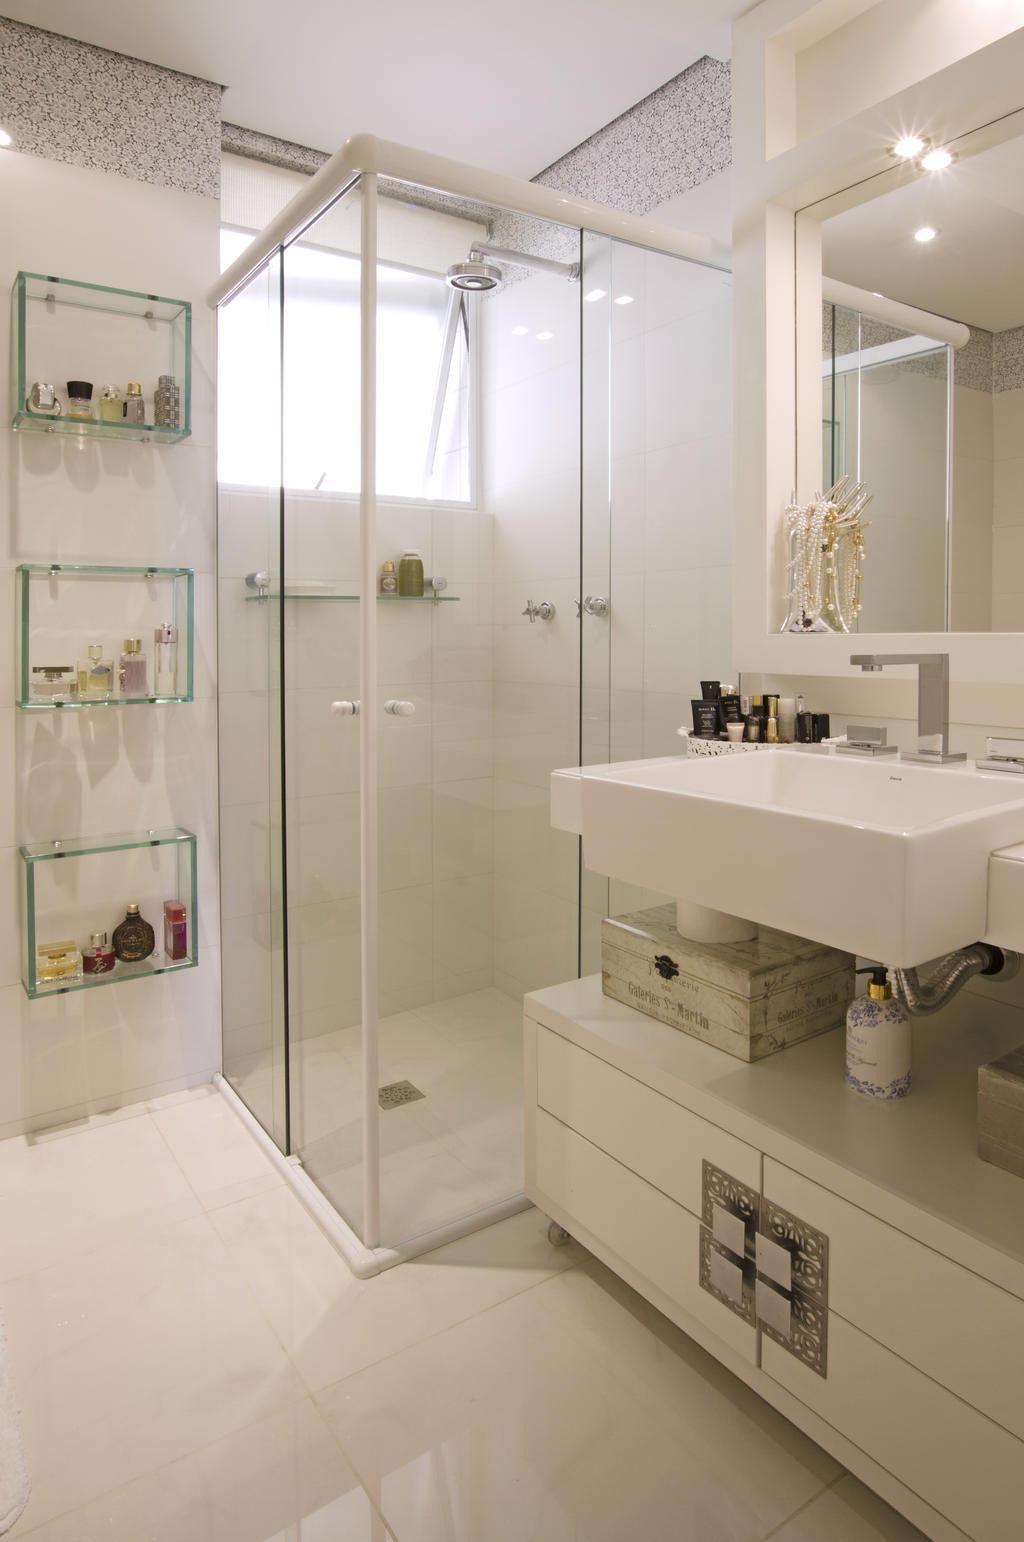 Quem tem banheiro pequeno deve investir de preferência em um box de  #957636 1024 1542